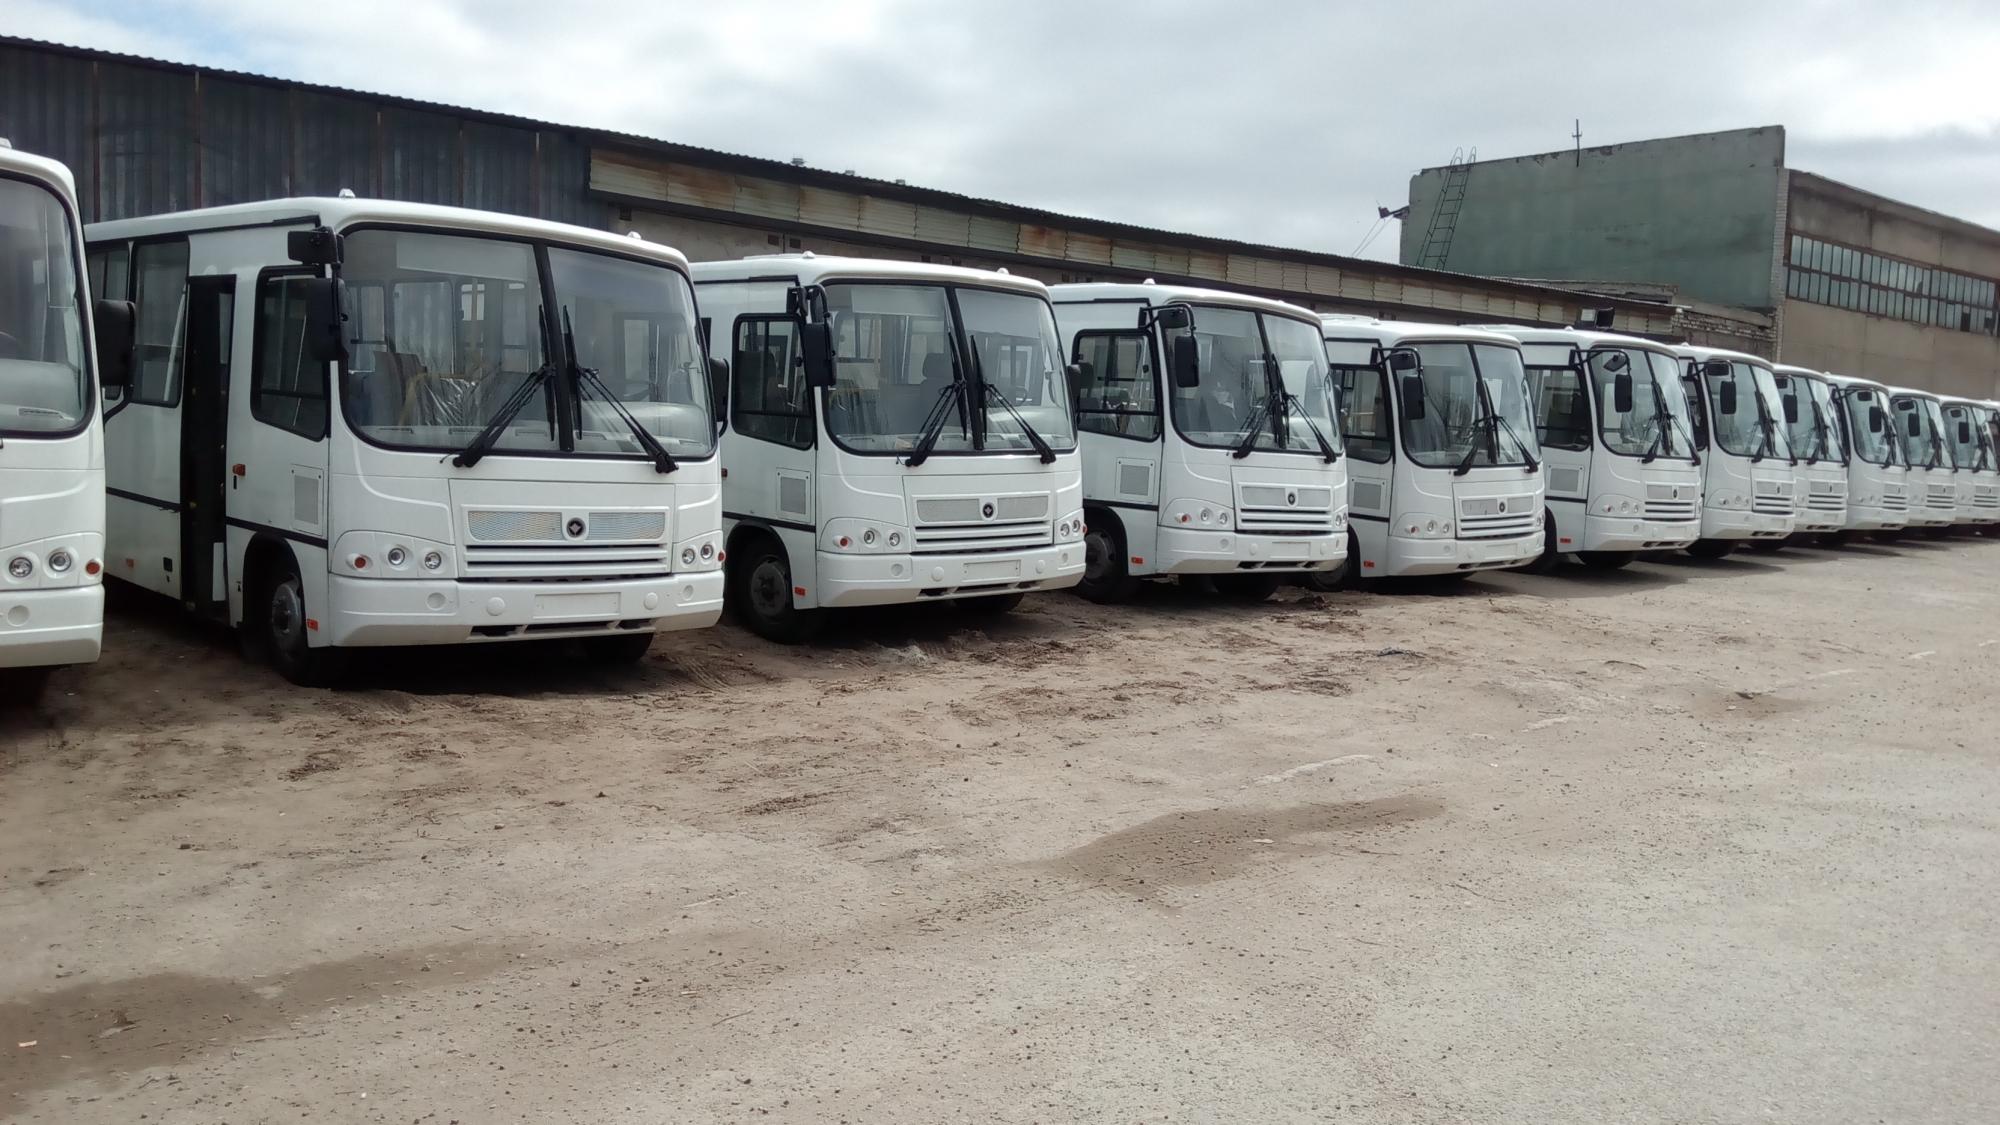 Автомобильный парк  Волгограда был дополнен  новыми автобусами средней вместимости